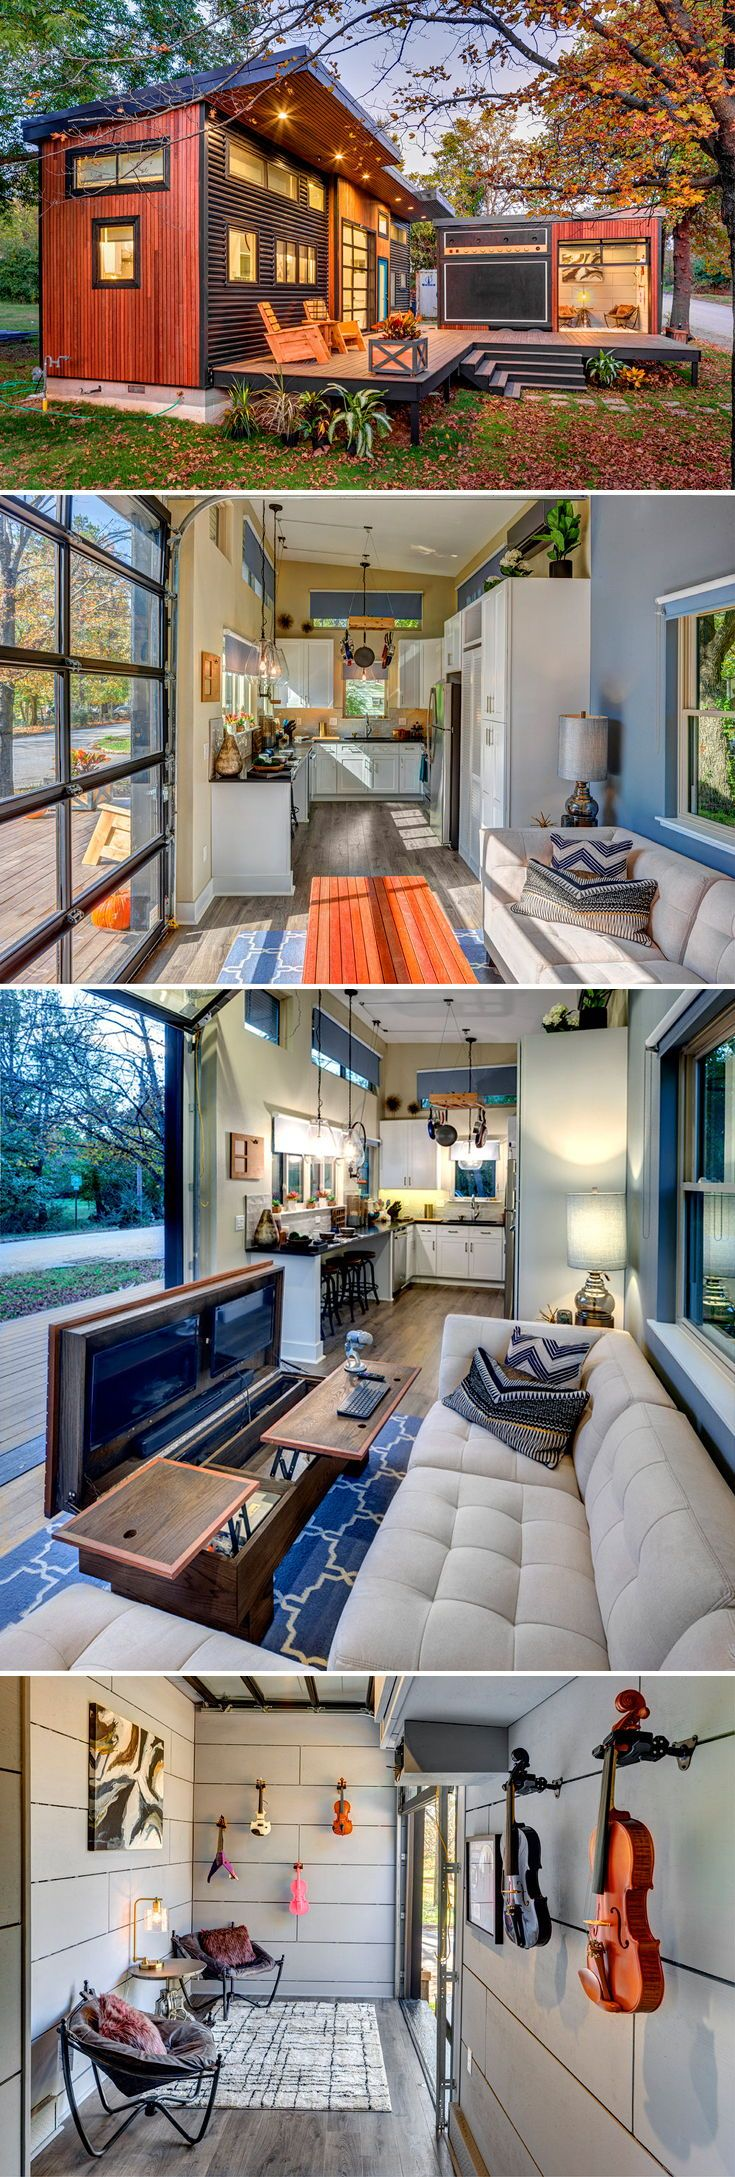 Photo of Amplified Tiny House – Tiny Living